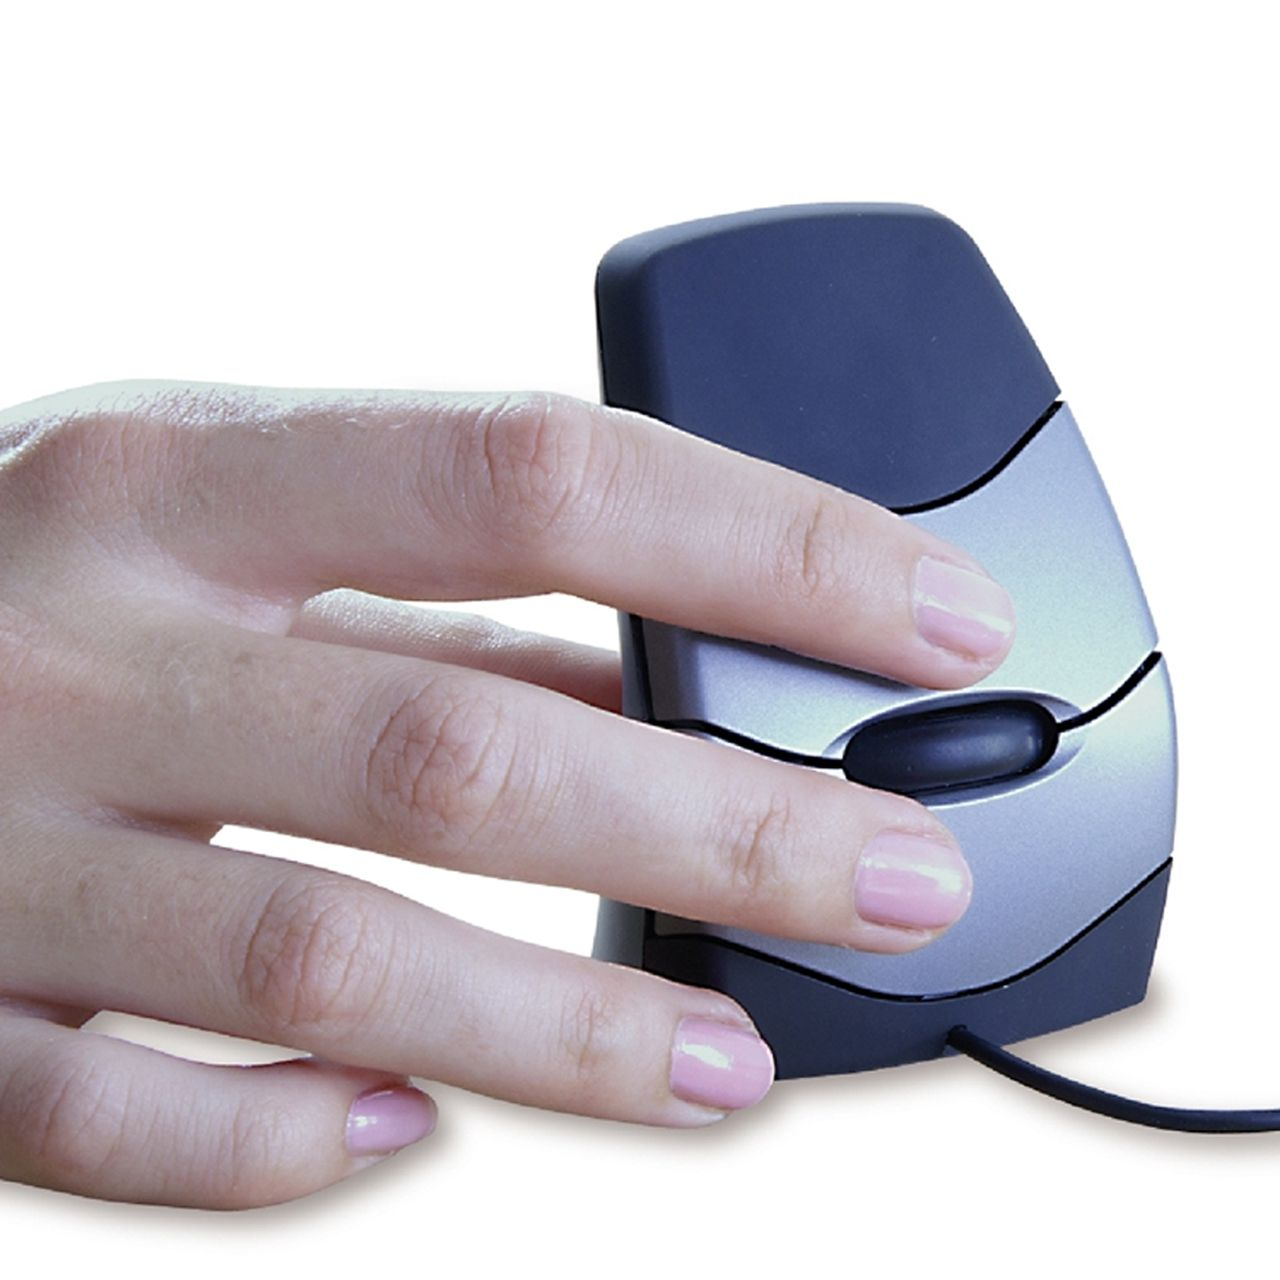 DXT Precision Mouse bedraad zijkant met hand